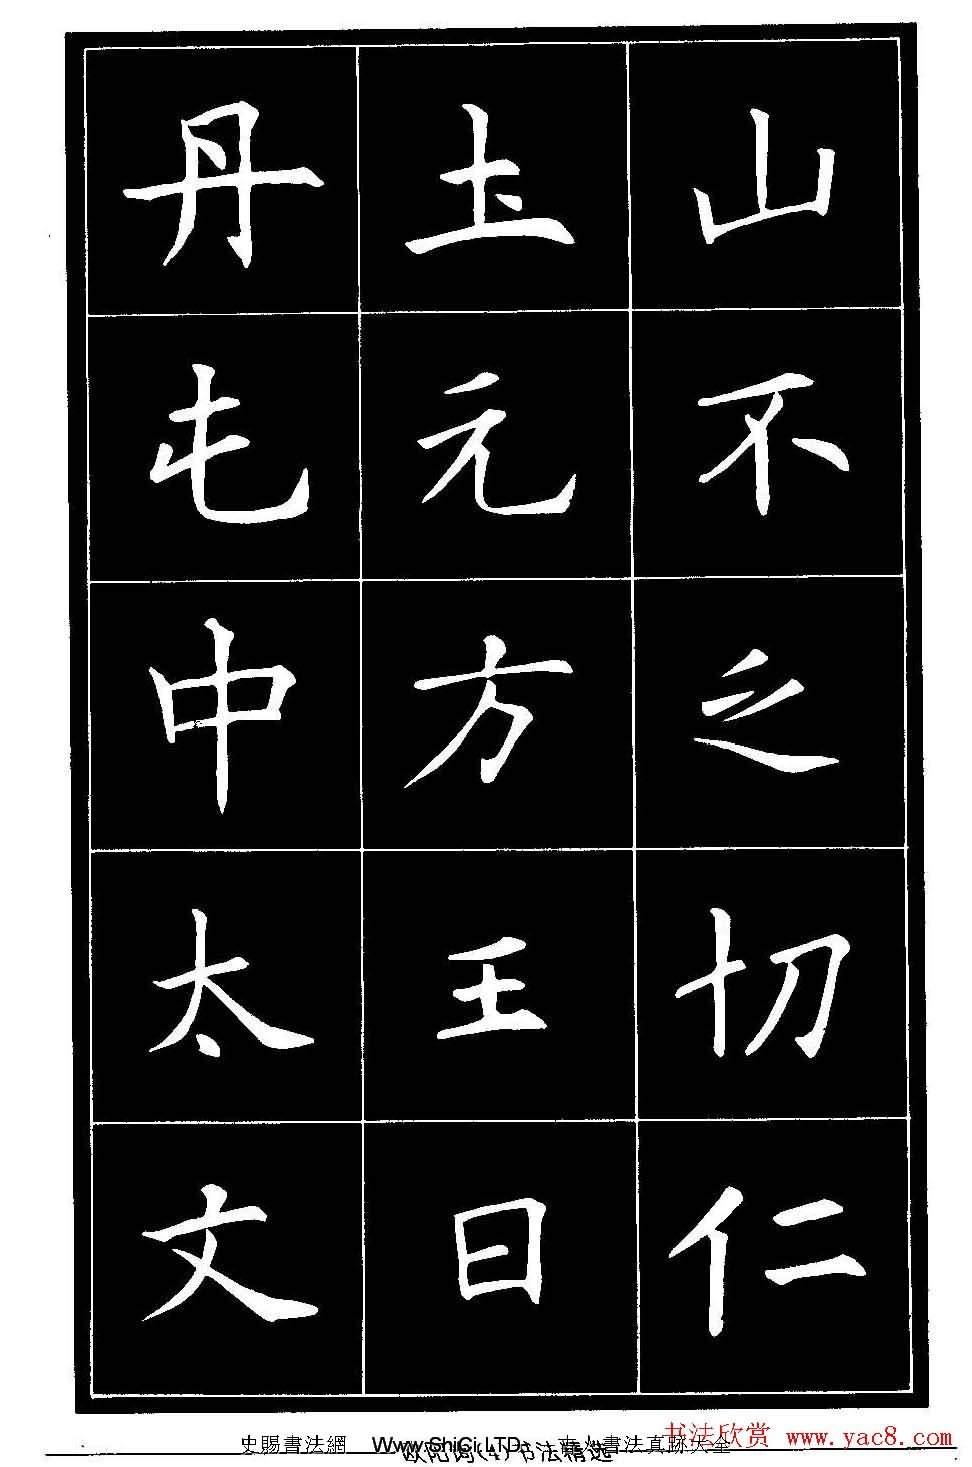 歐體楷書字帖欣賞《歐陽詢書法精選》